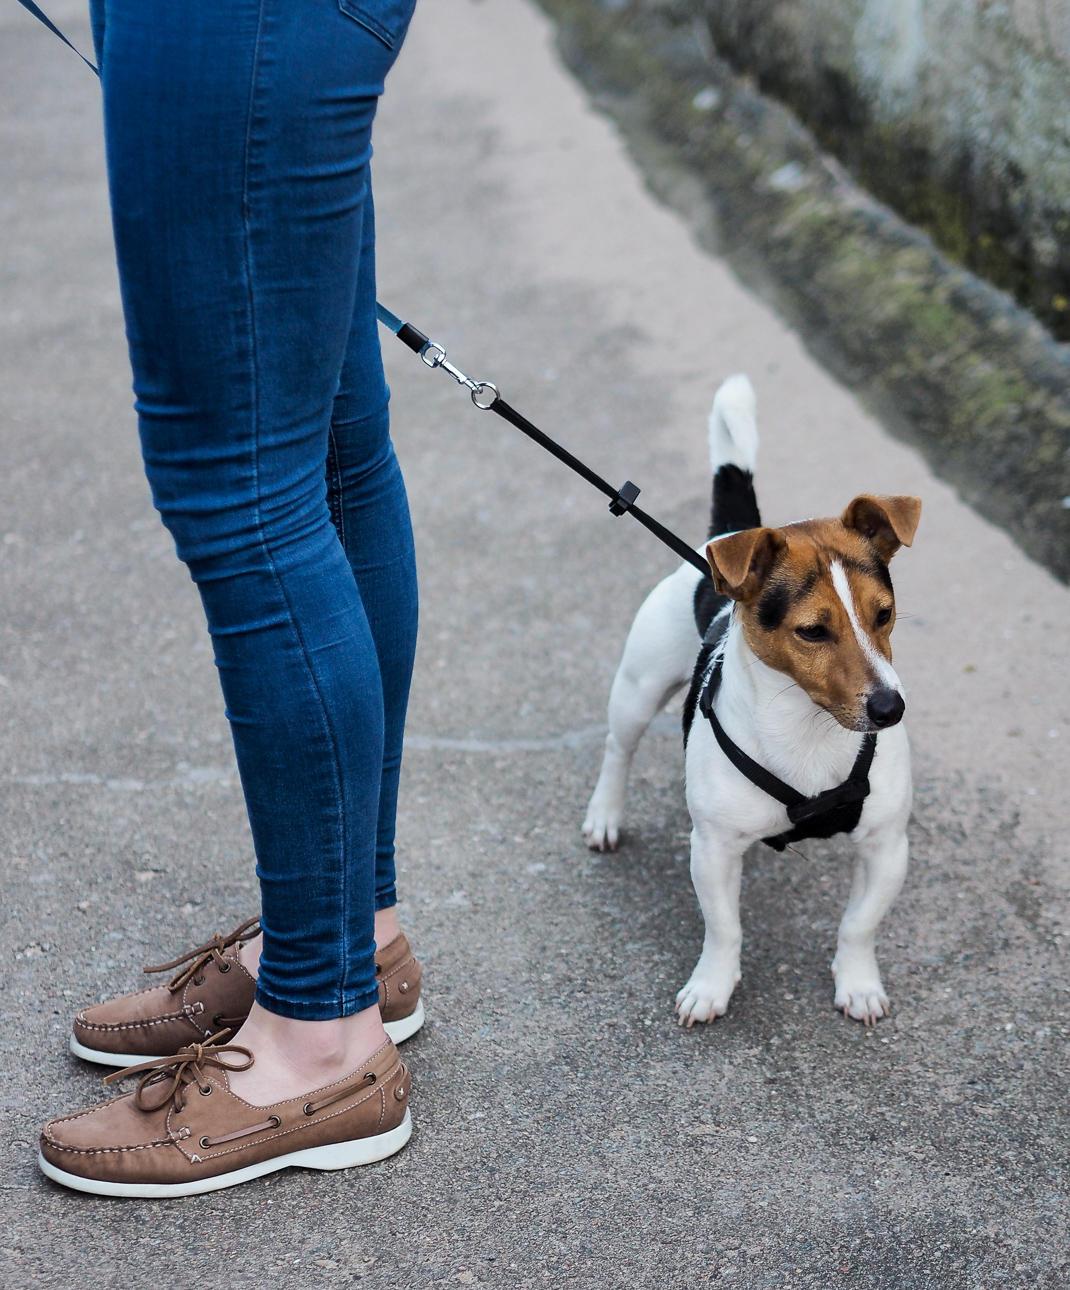 cruz the dog - natbeesfashion